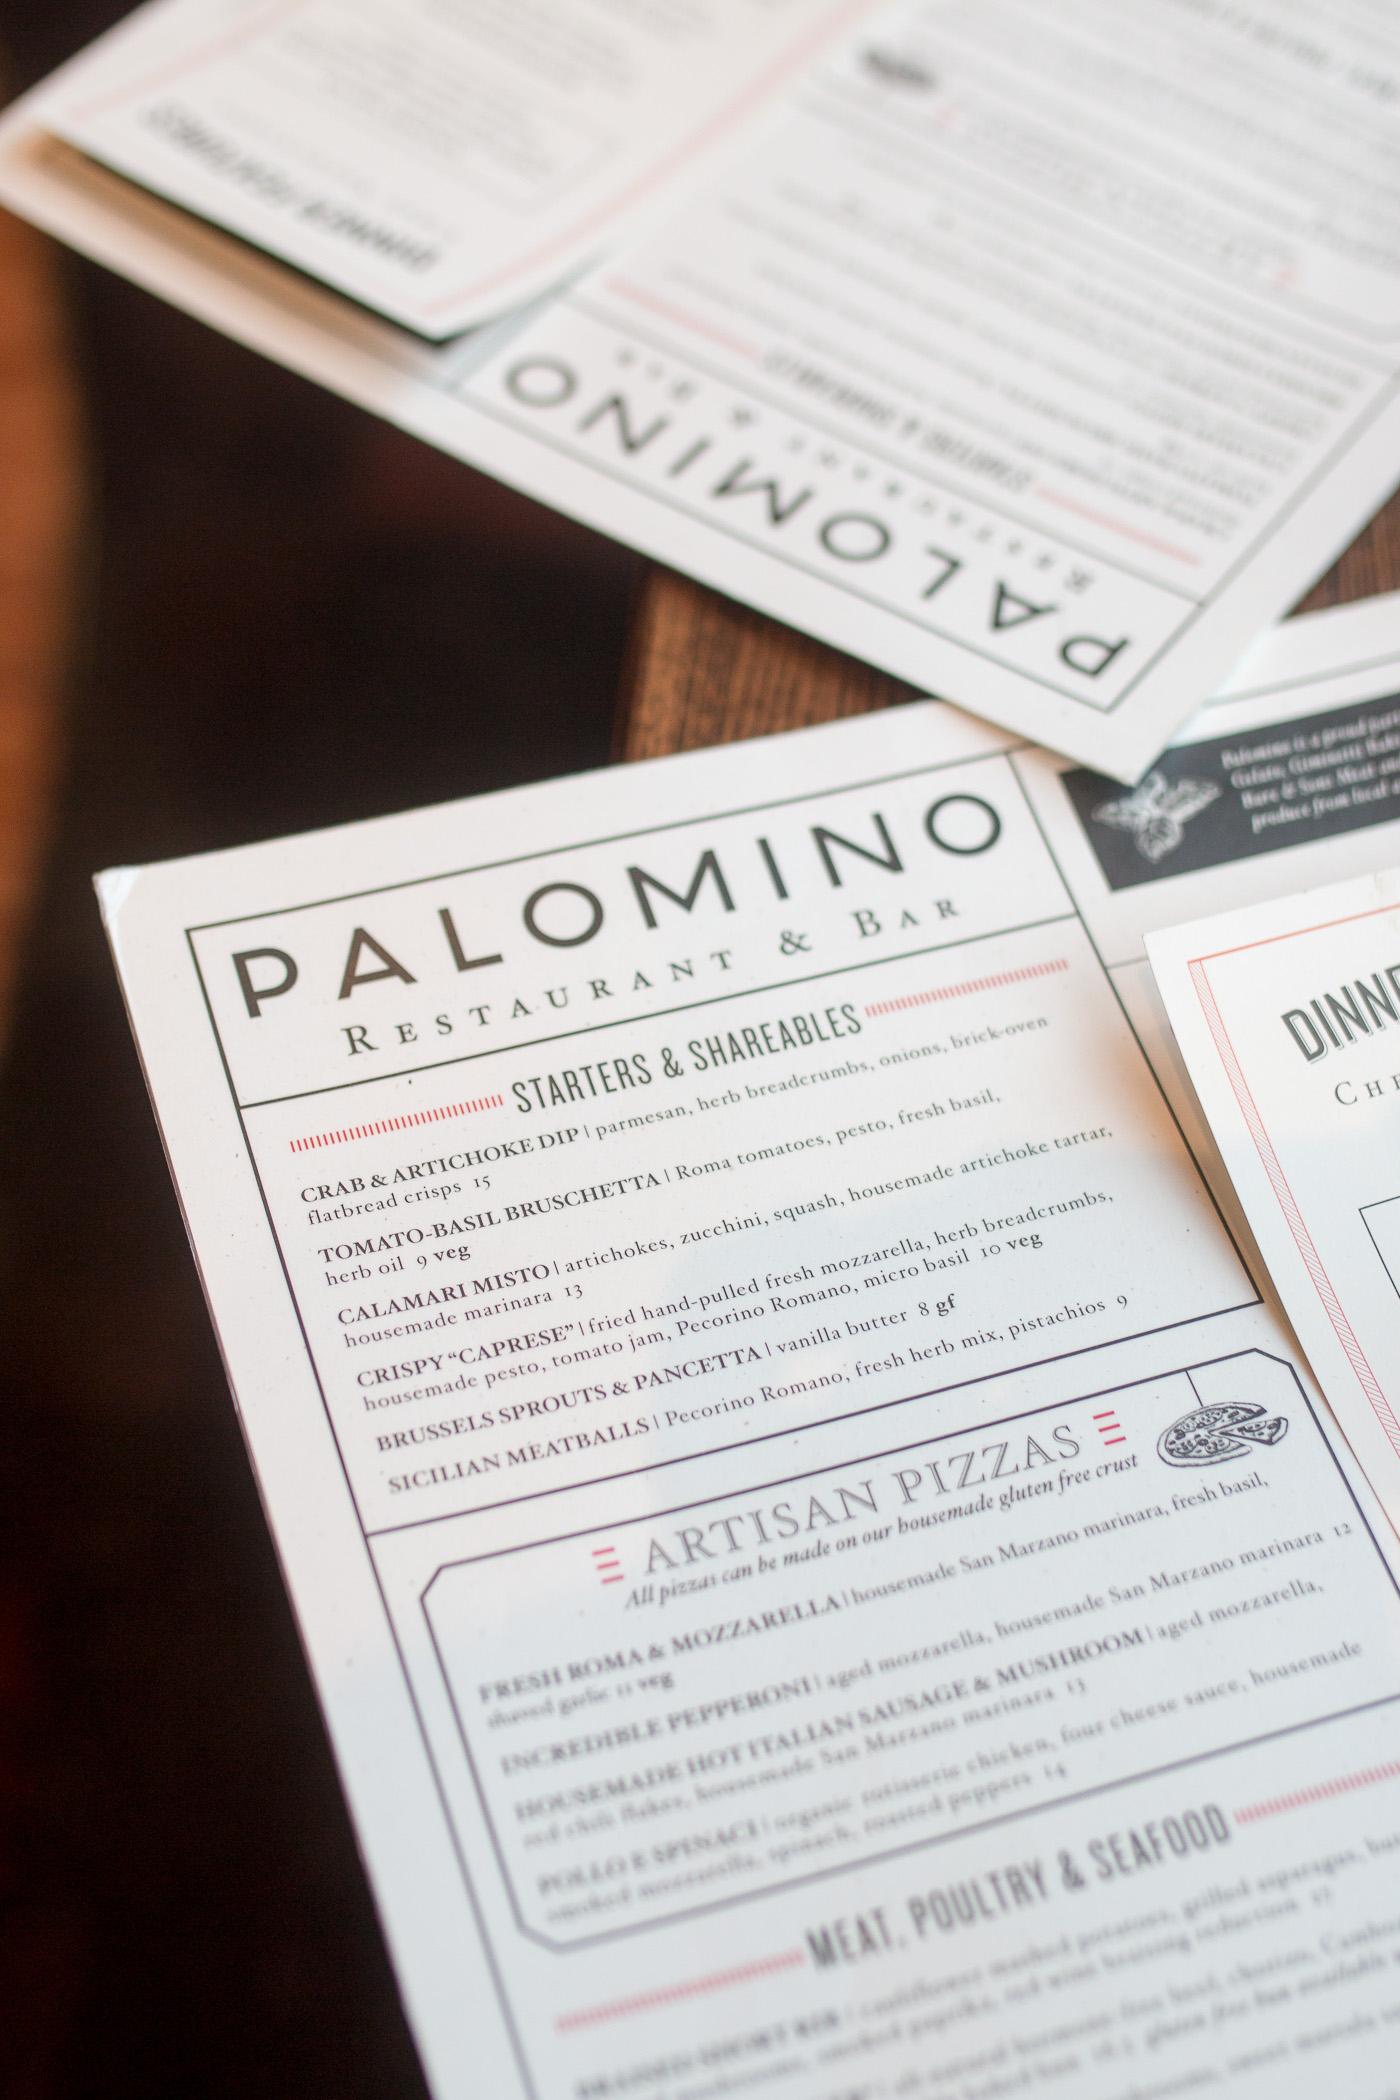 Palomino Cincinnati